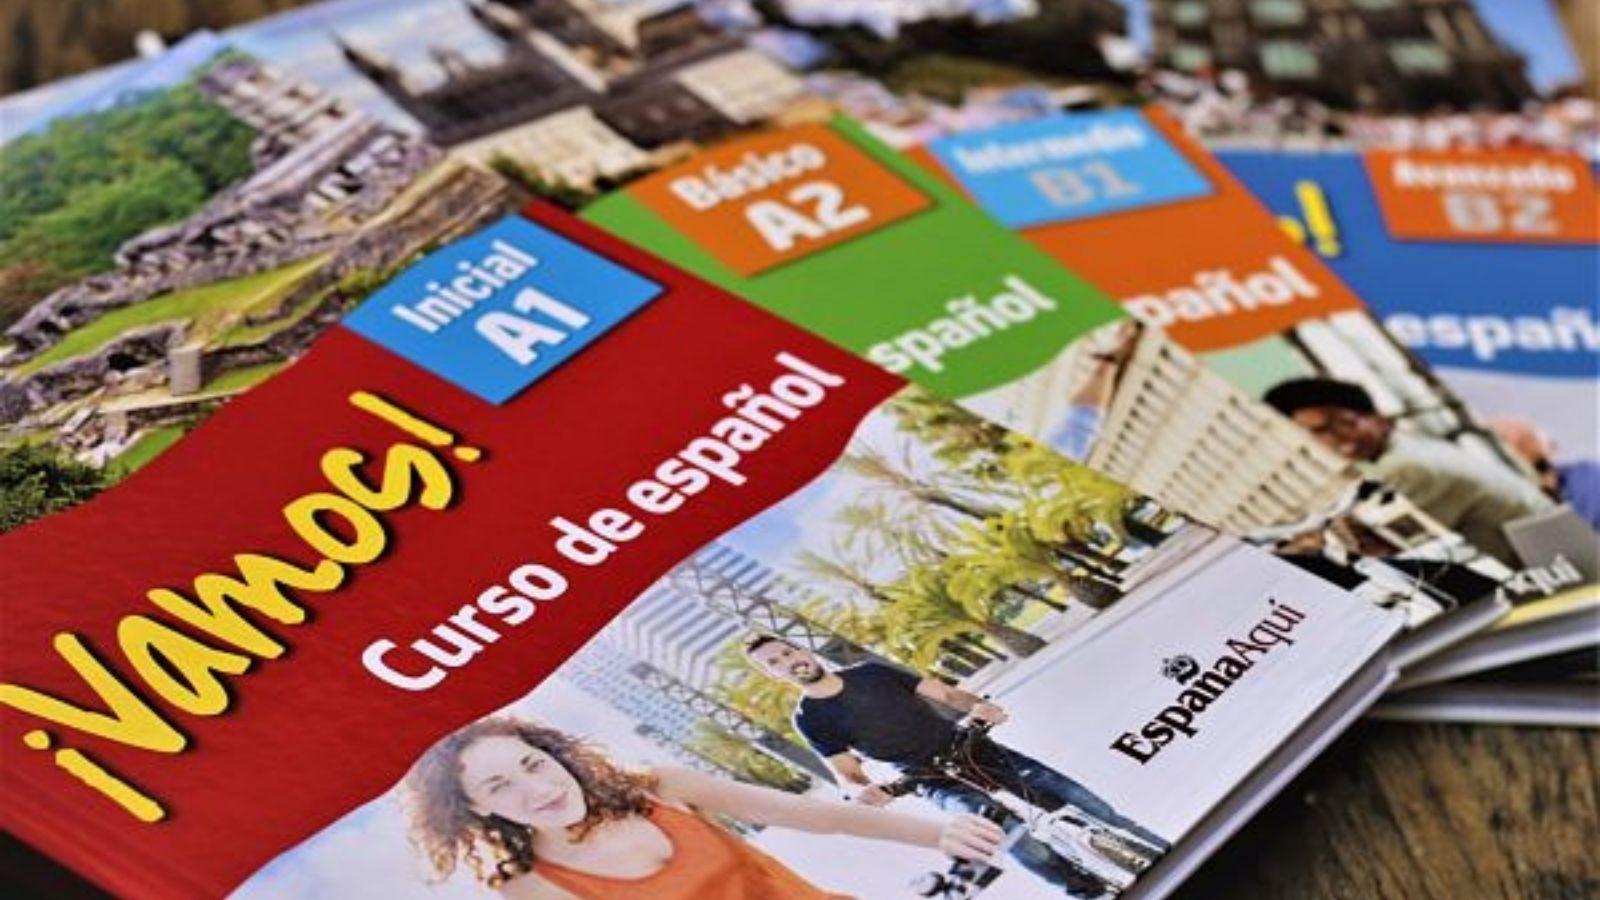 http://www.espanaaqui.com.br/pdf/janeiro%202021/sem%20nome.%20%20colecao.jpg